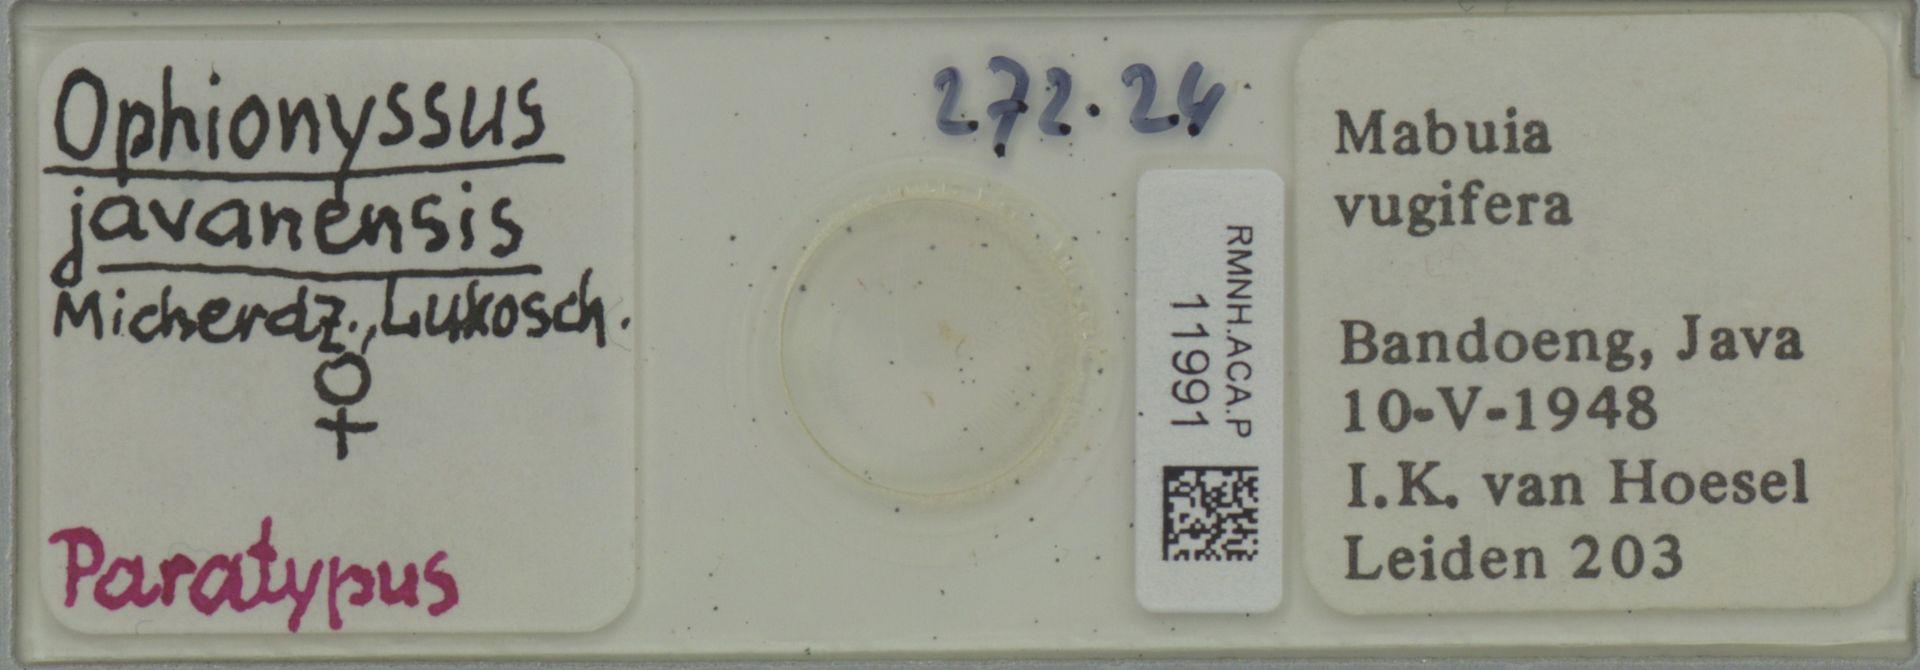 RMNH.ACA.P.11991 | Ophionyssus javanensis Micherdz., Lukosch.